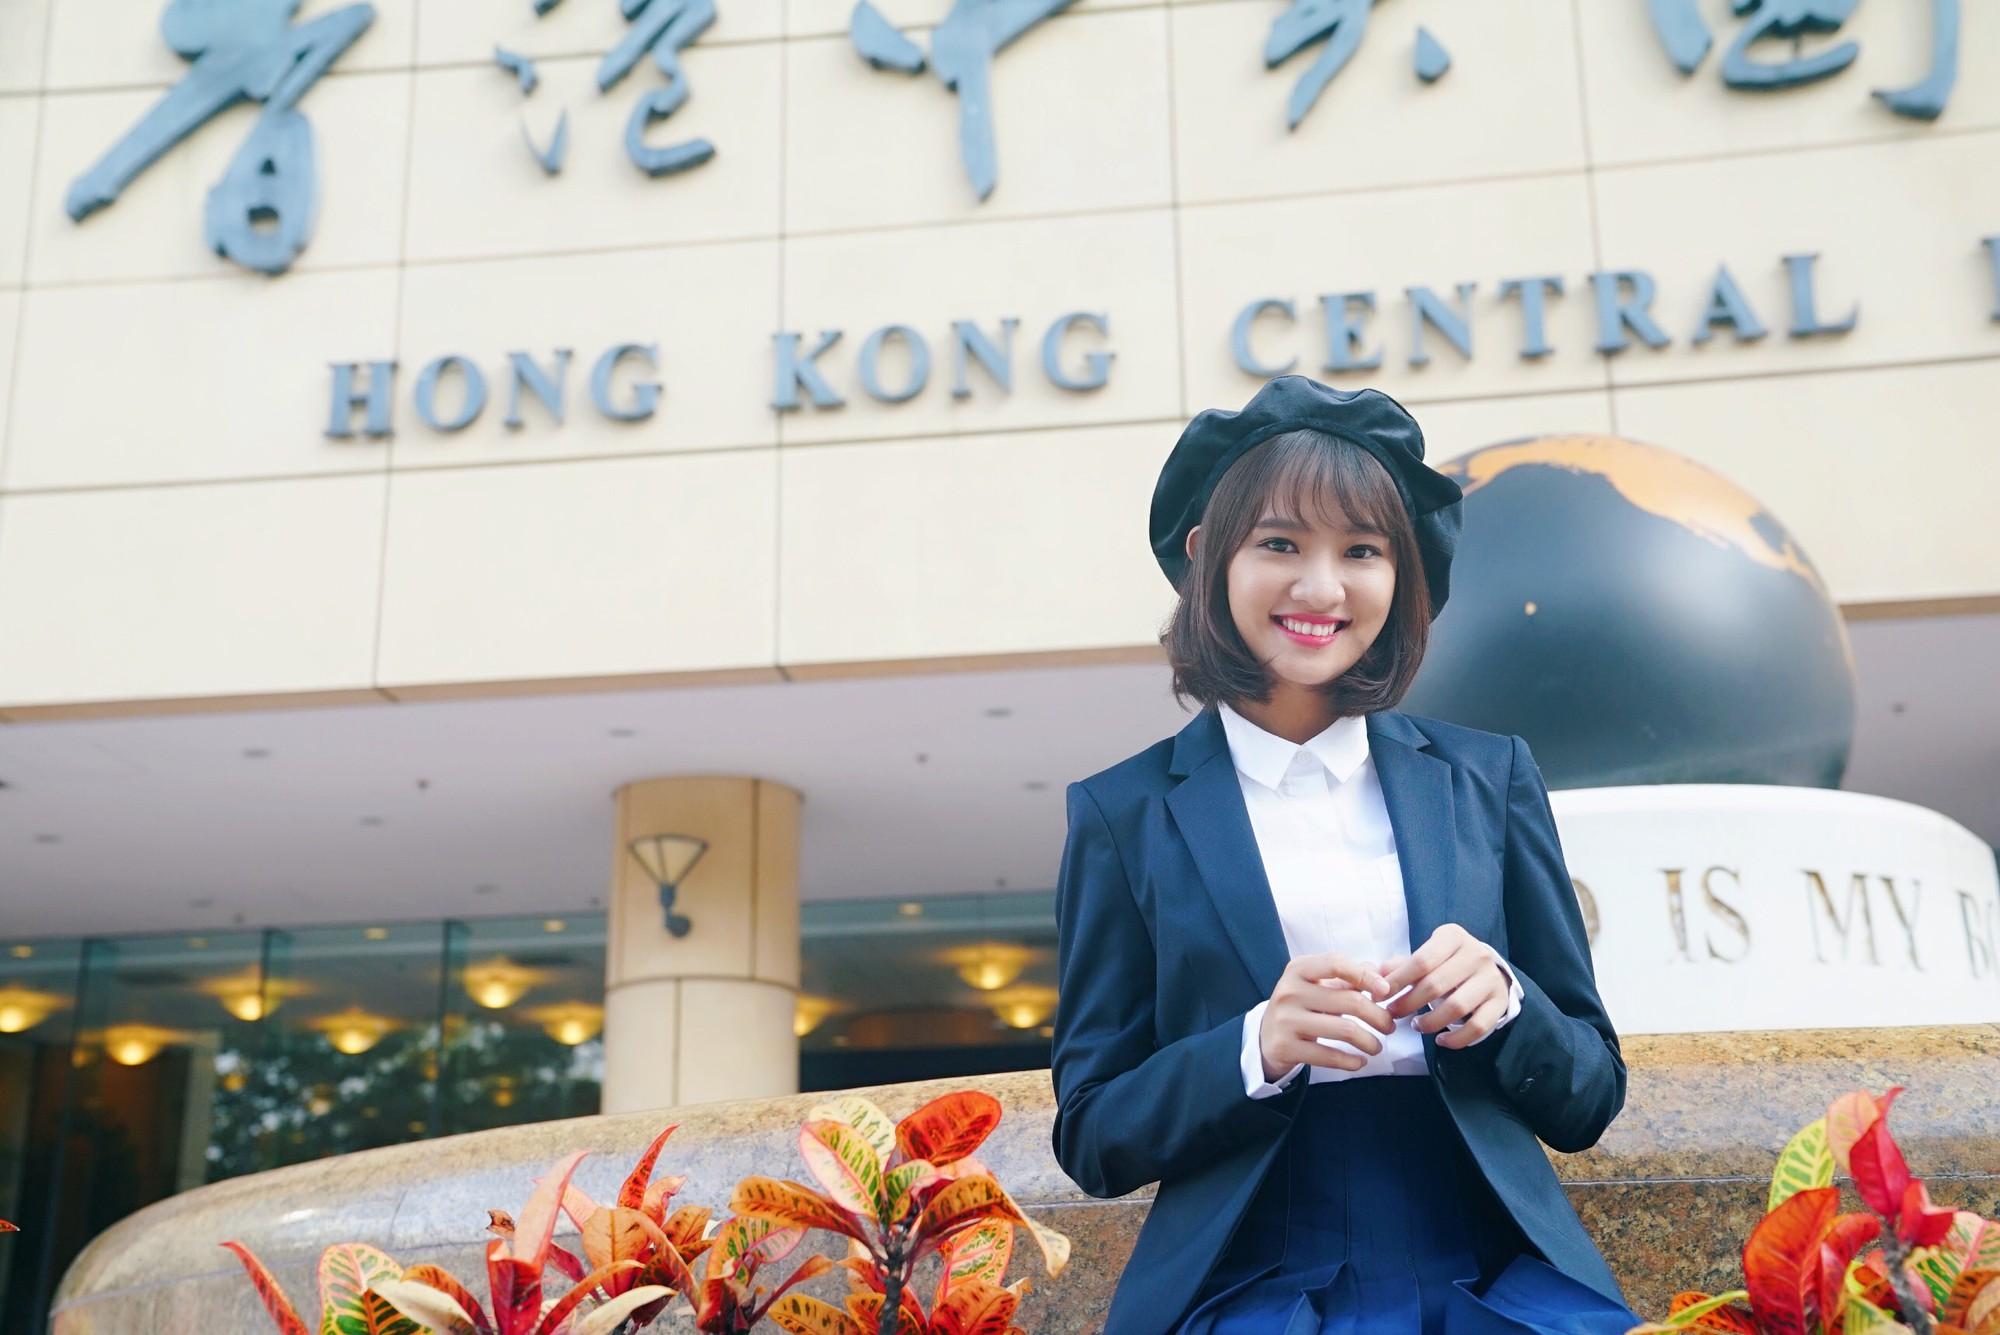 Đăng Khôi cùng em gái mưa Thanh Vy kể chuyện tình đúng người, sai thời điểm trong MV mới - Ảnh 3.